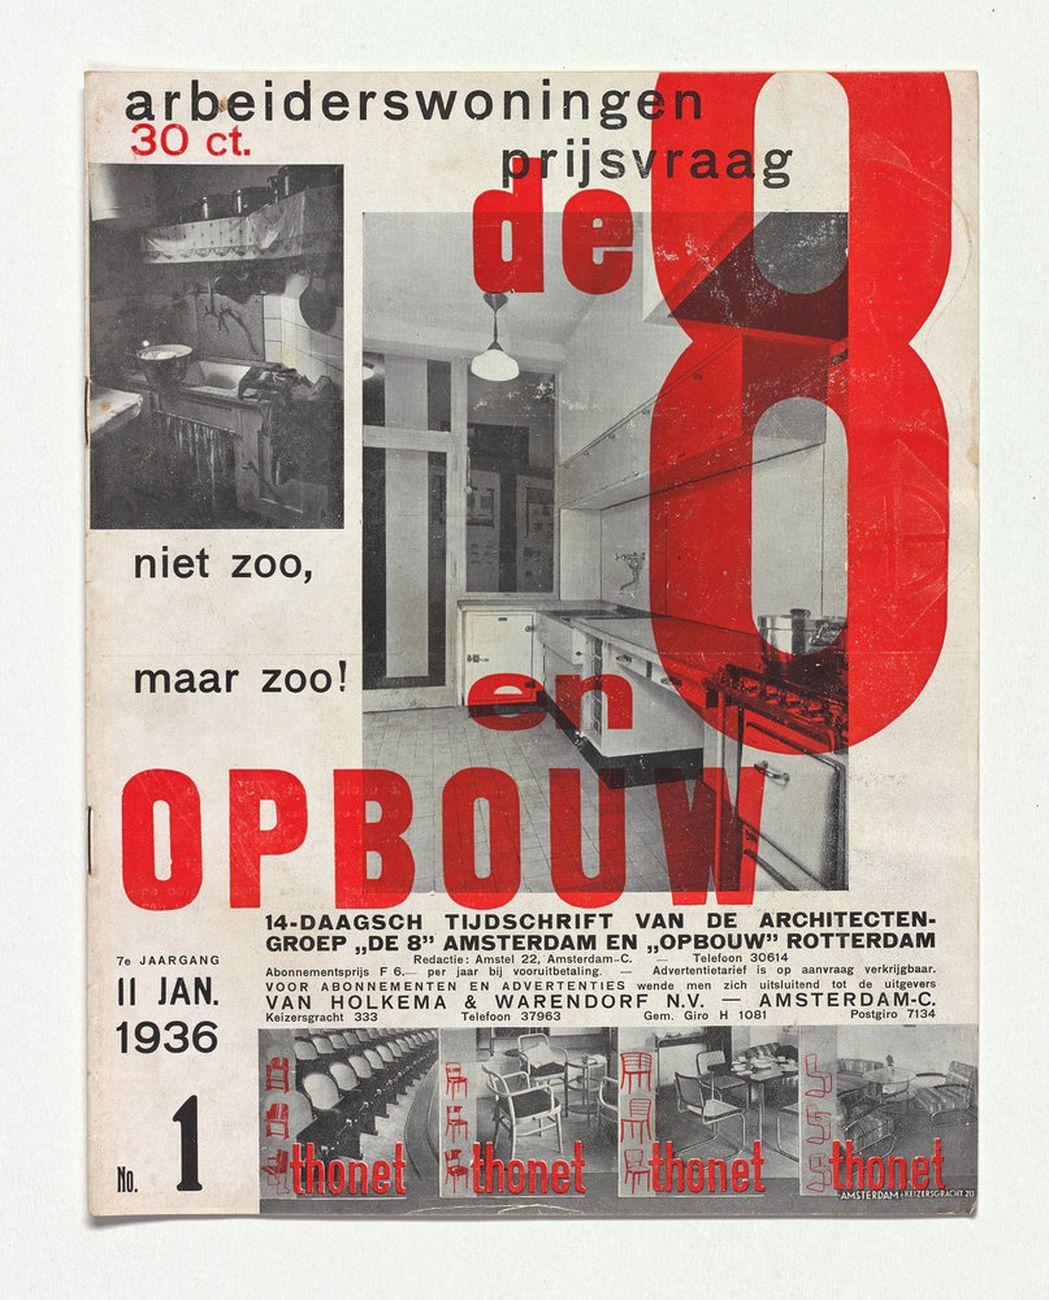 Un numero della rivista De 8 en Opbouw, 11 gennaio 1936. Collezione privata, Olanda